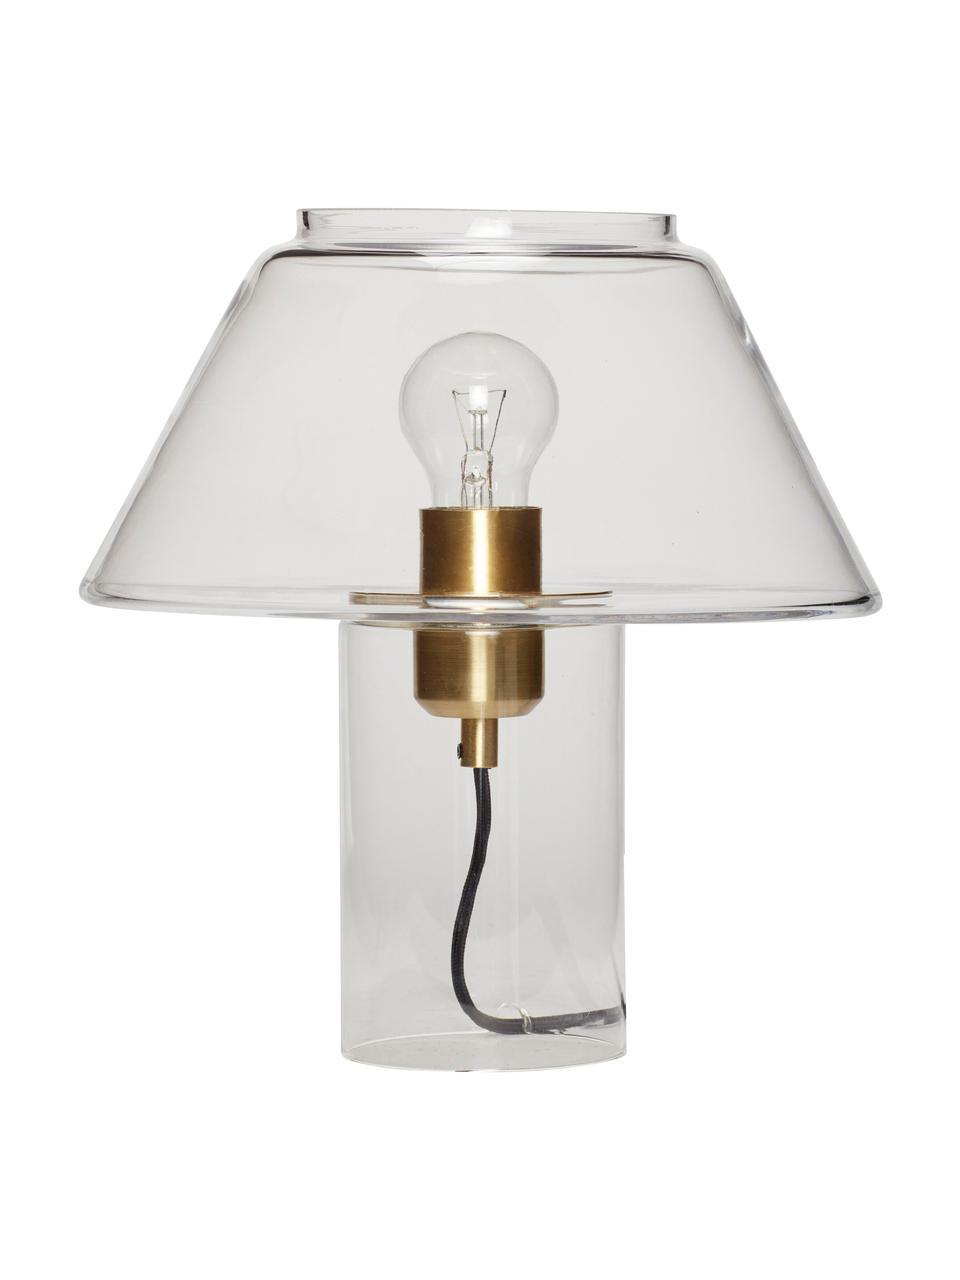 Lampada da tavolo in vetro trasparente Gluni, Paralume: vetro, Base della lampada: vetro, Trasparente, Ø 27 x Alt. 29 cm